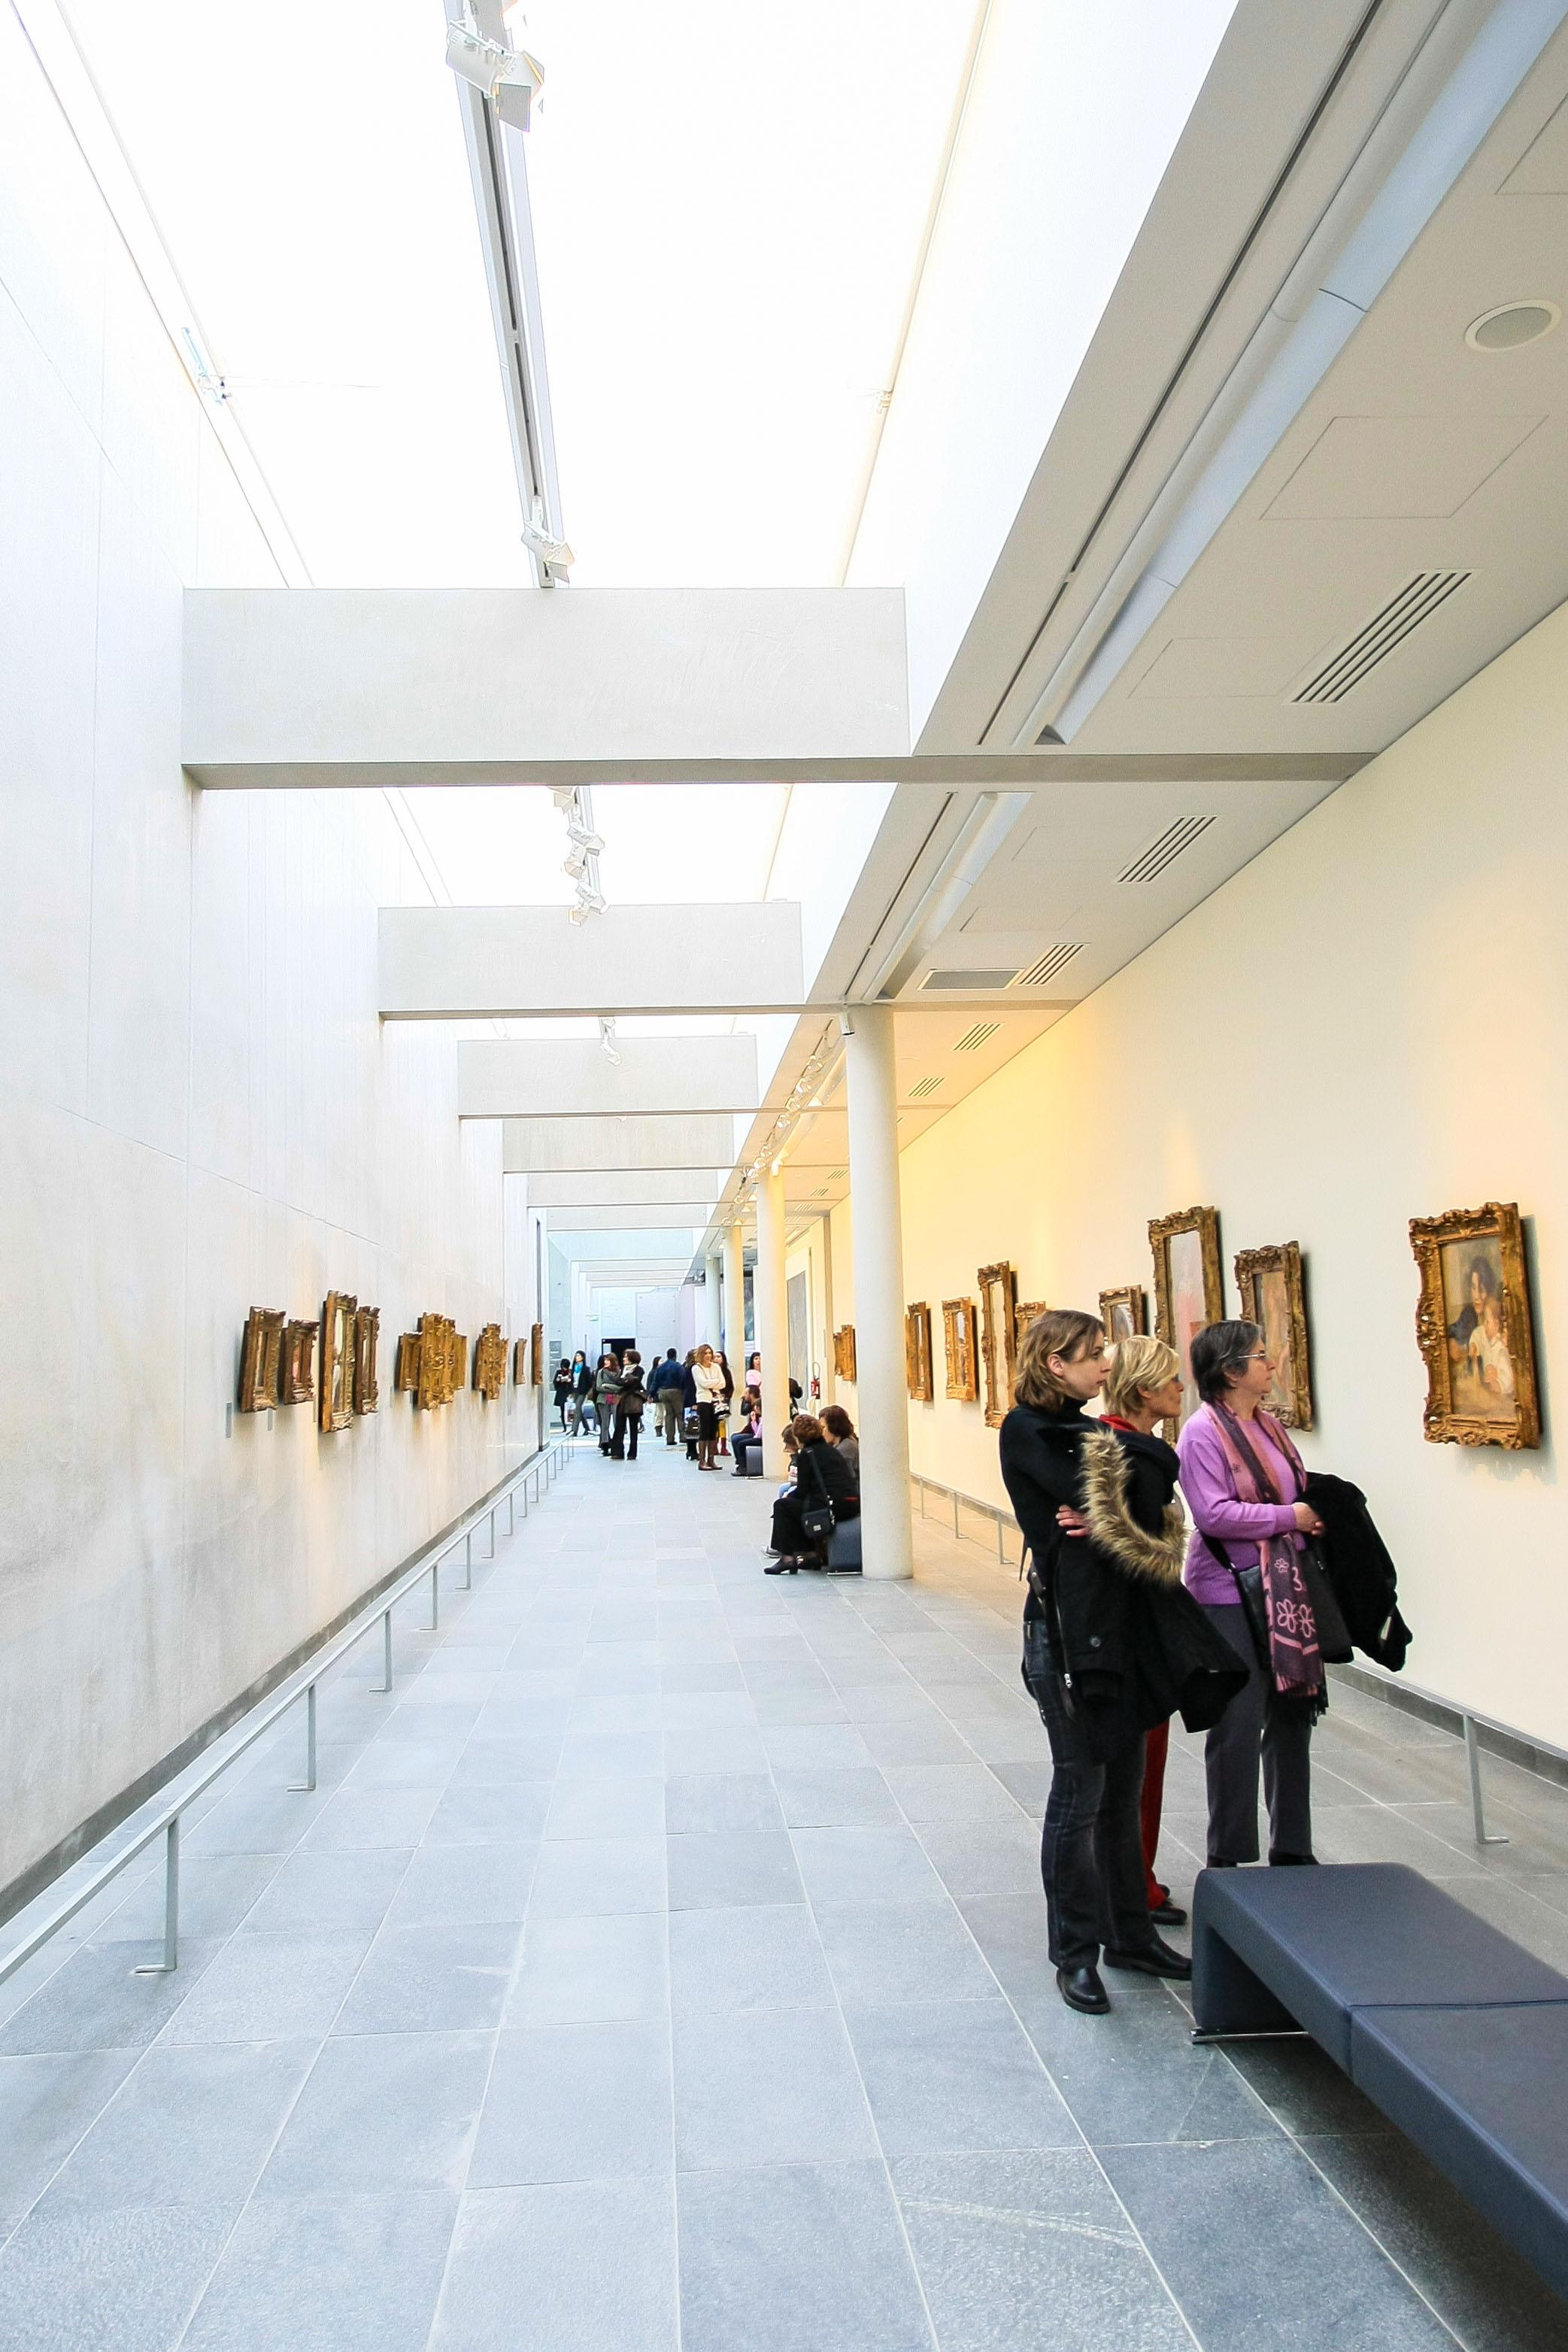 【フランス旅行】パリ オランジュリー美術館 素敵な空間